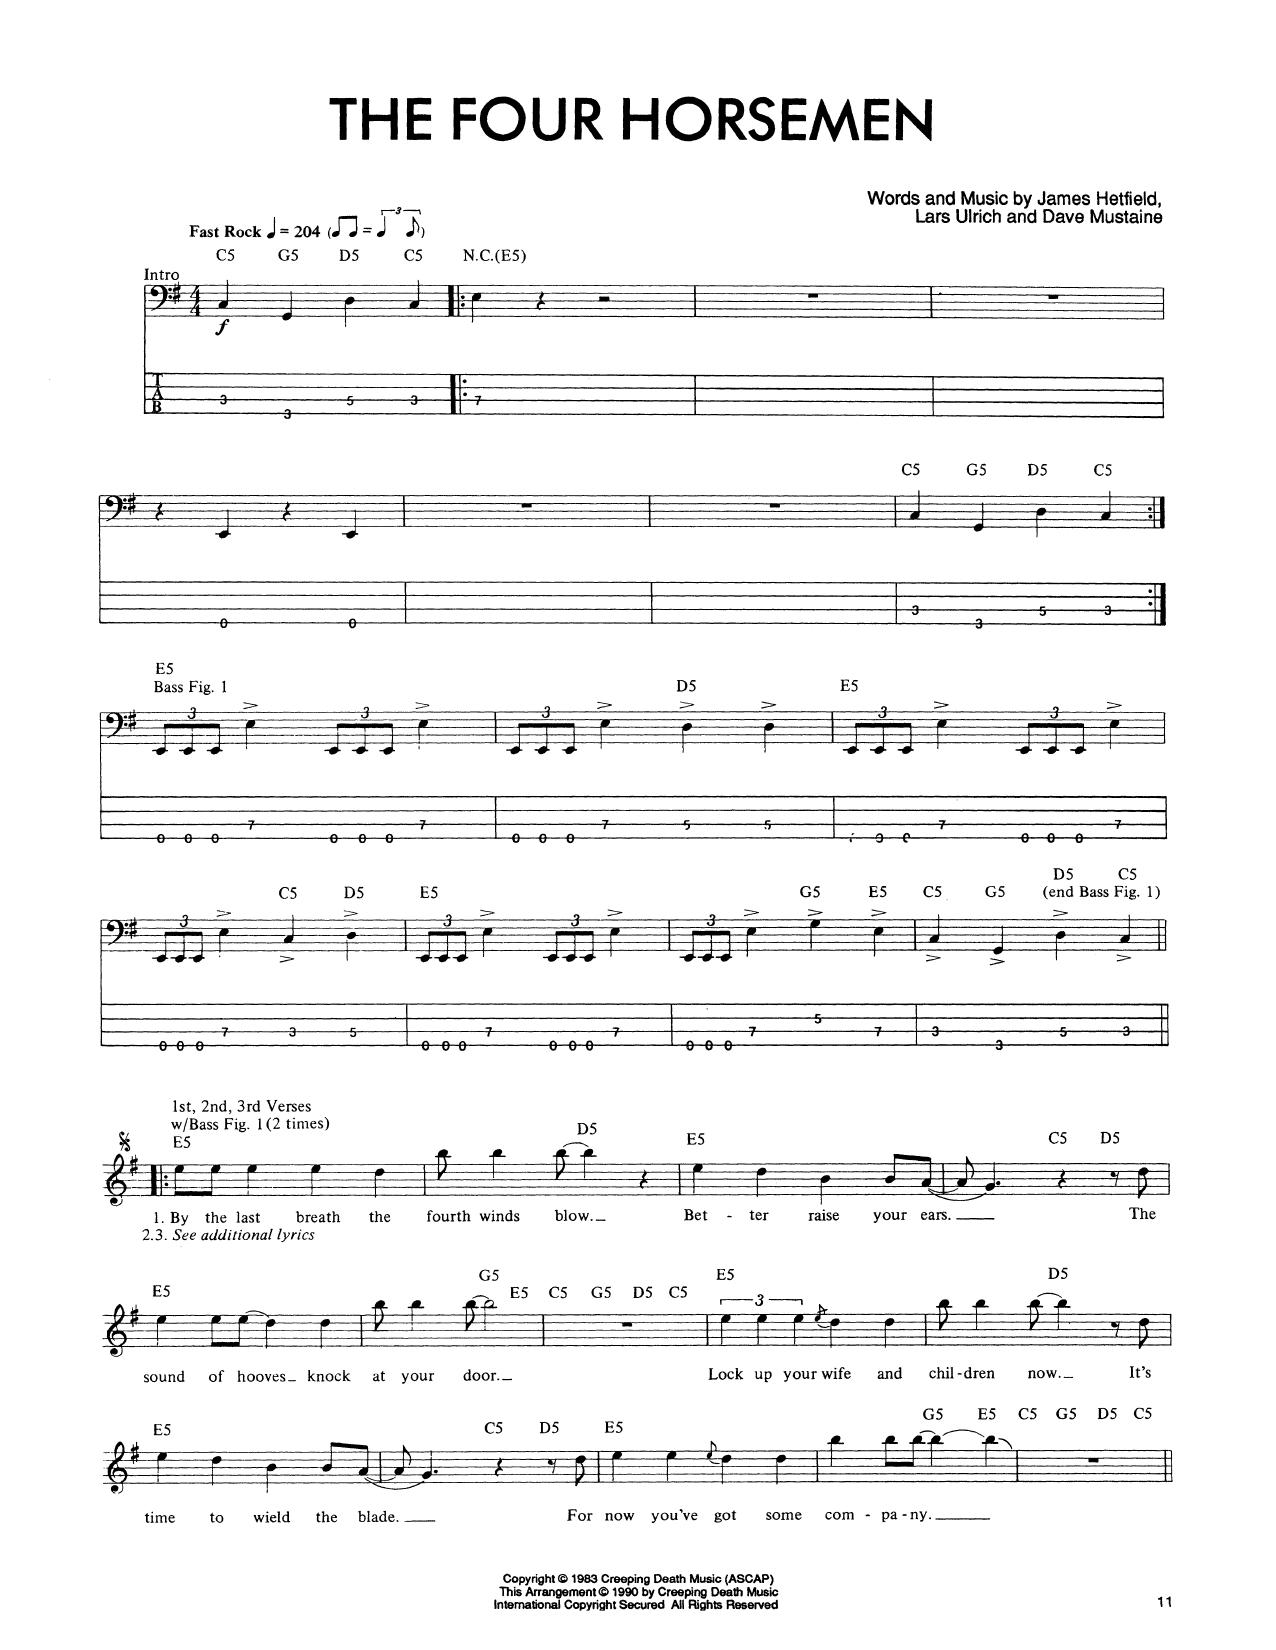 The Four Horsemen Sheet Music